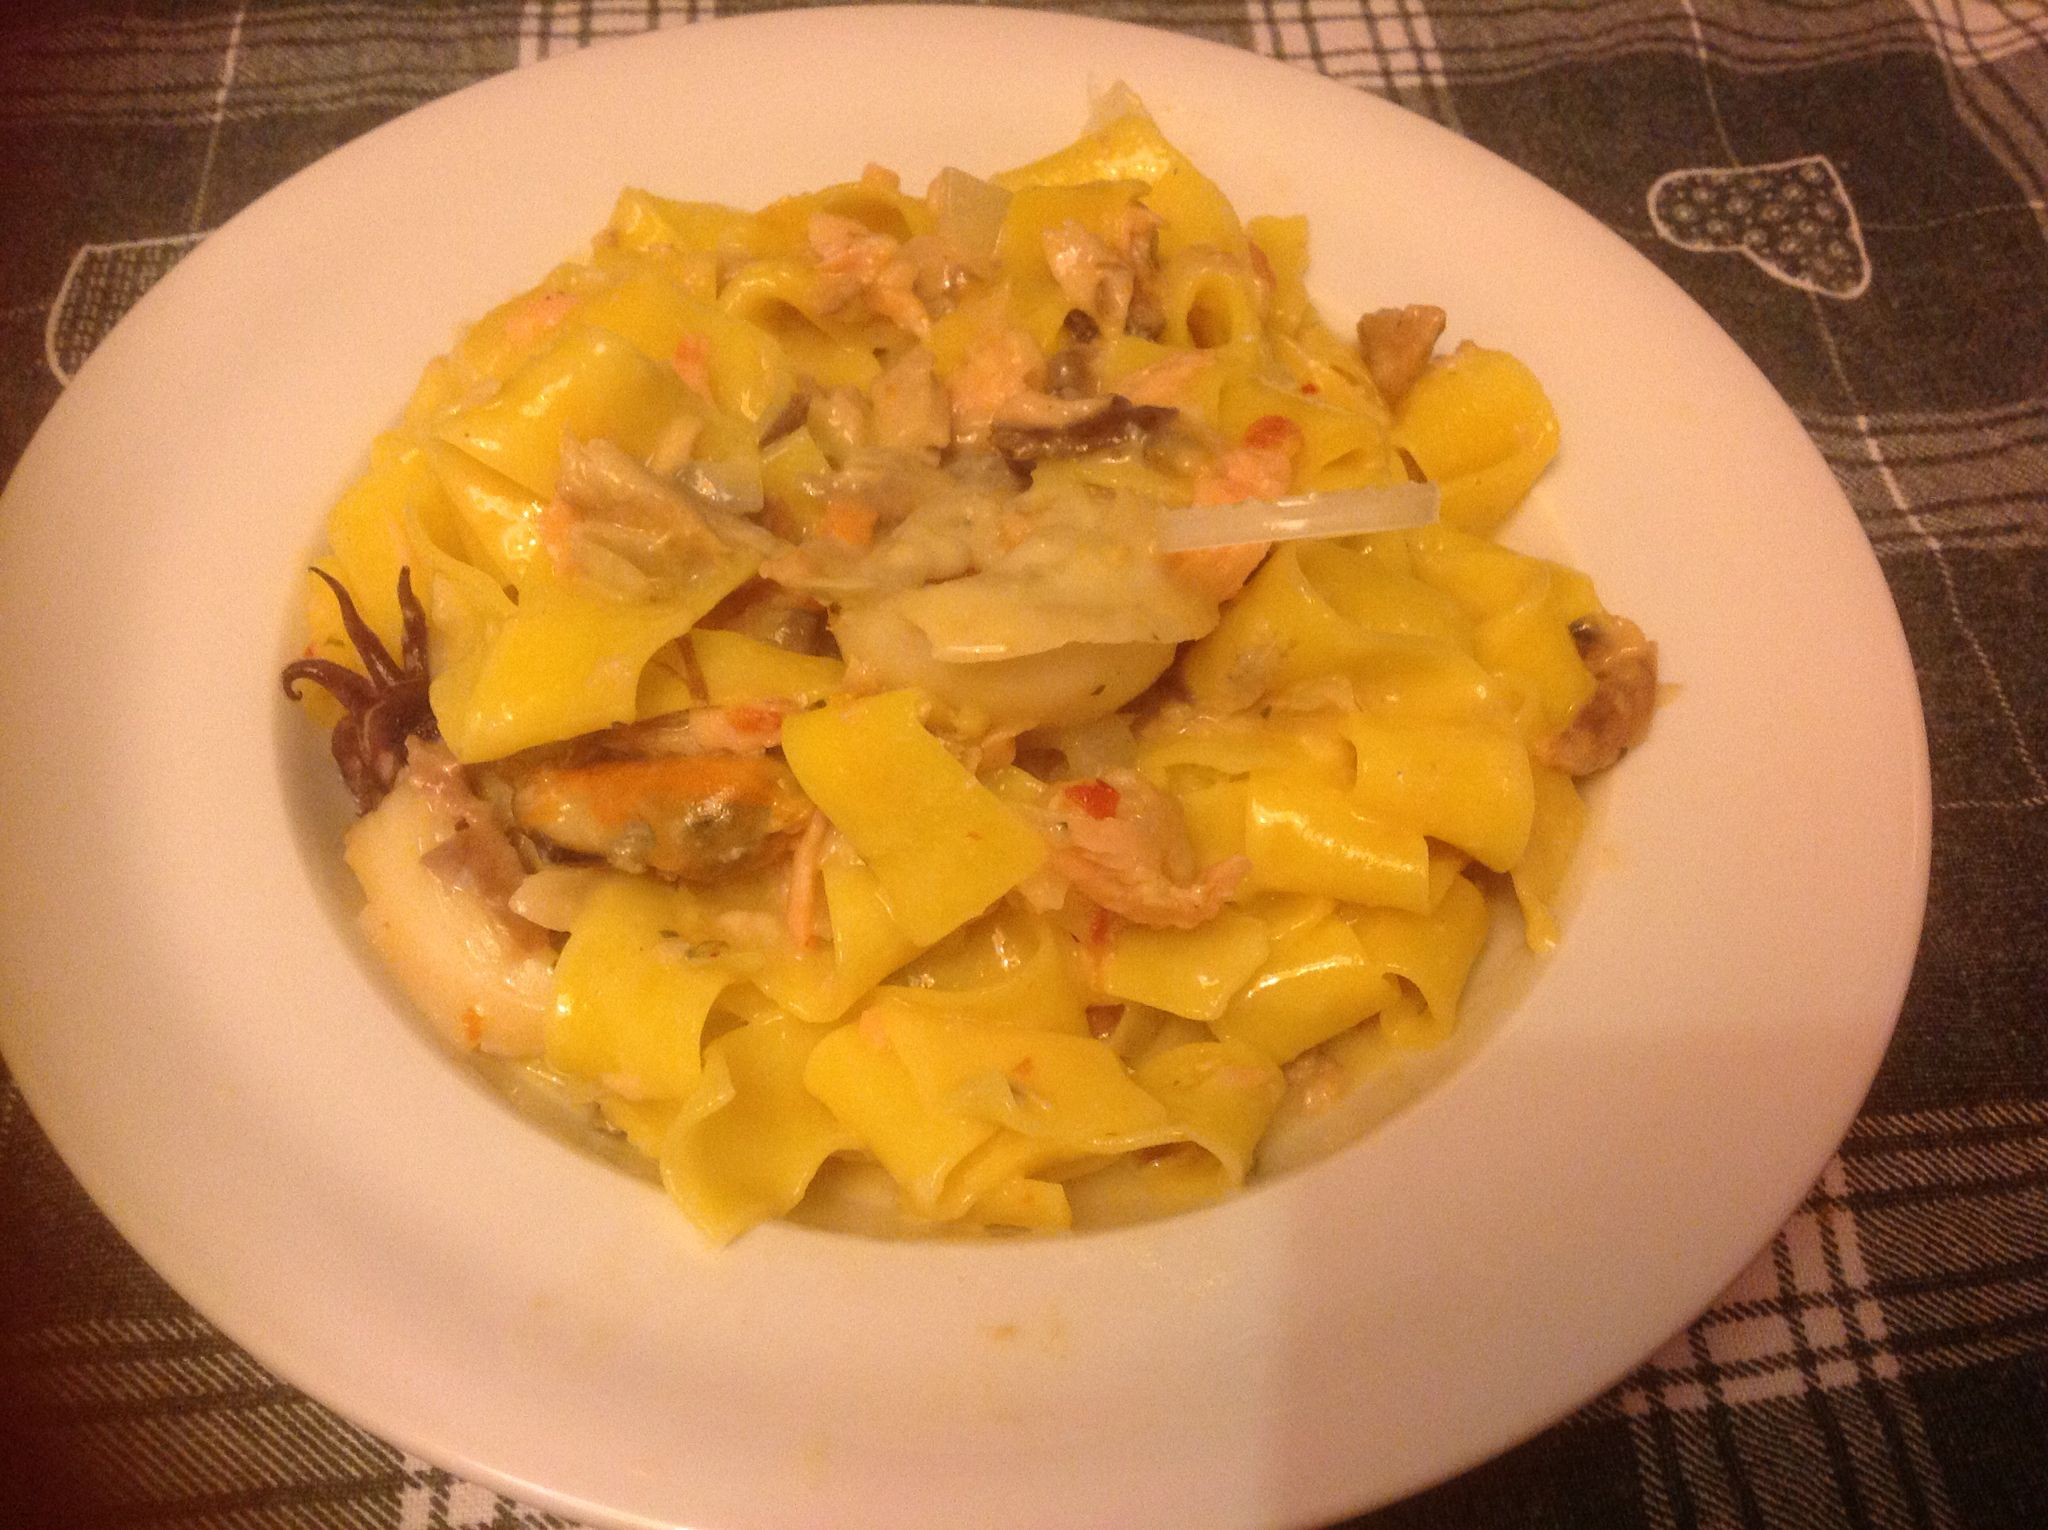 Fettuccine allo scoglio condite con: salmone, tonno, gamberetti e un pizzico di pepe